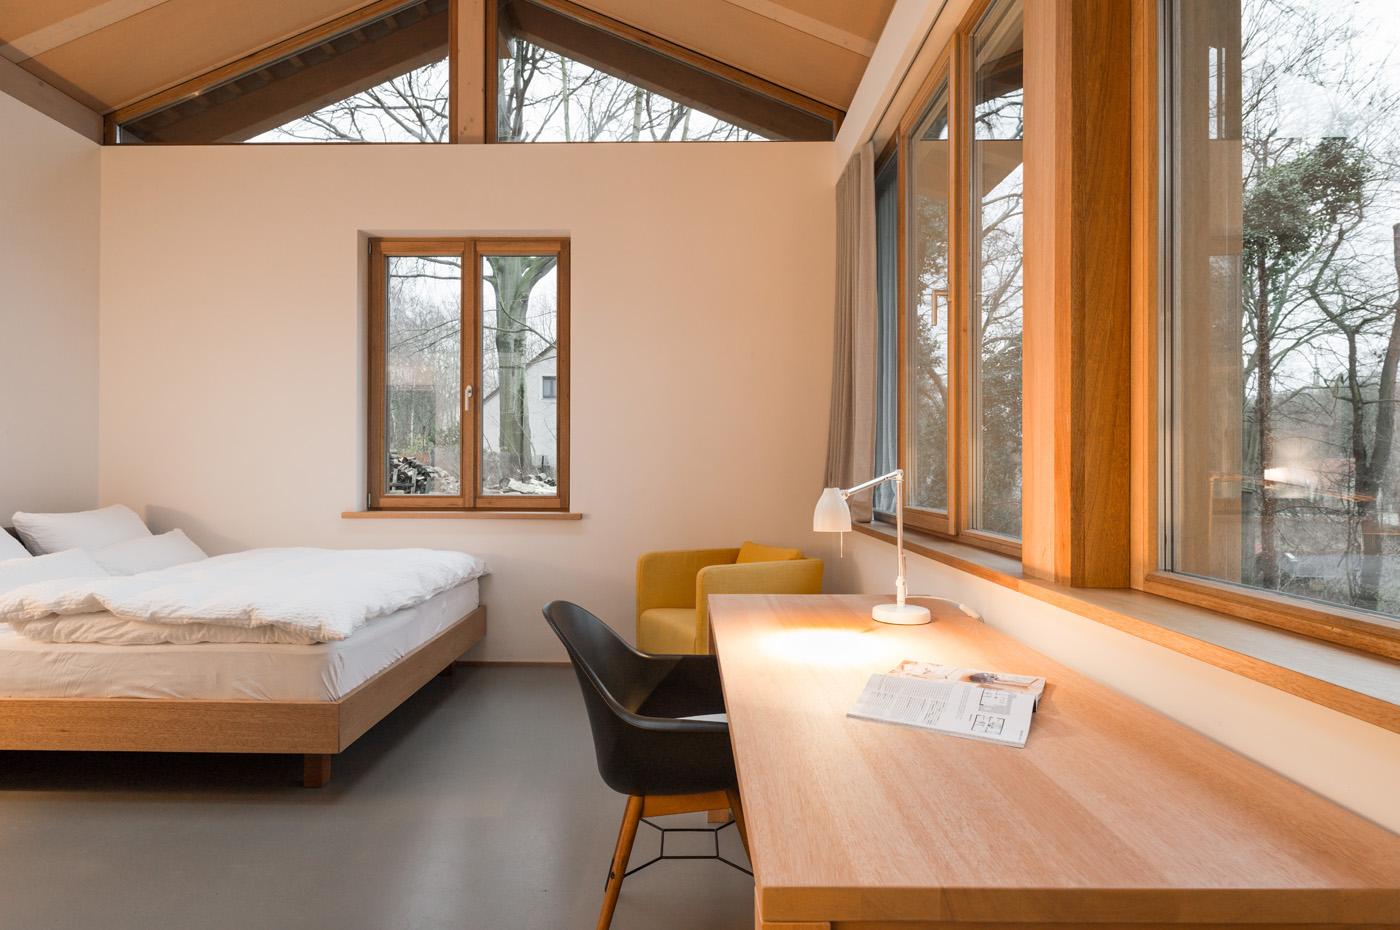 ferienwohnung im apartmenthaus parkchalet in potsdam. Black Bedroom Furniture Sets. Home Design Ideas